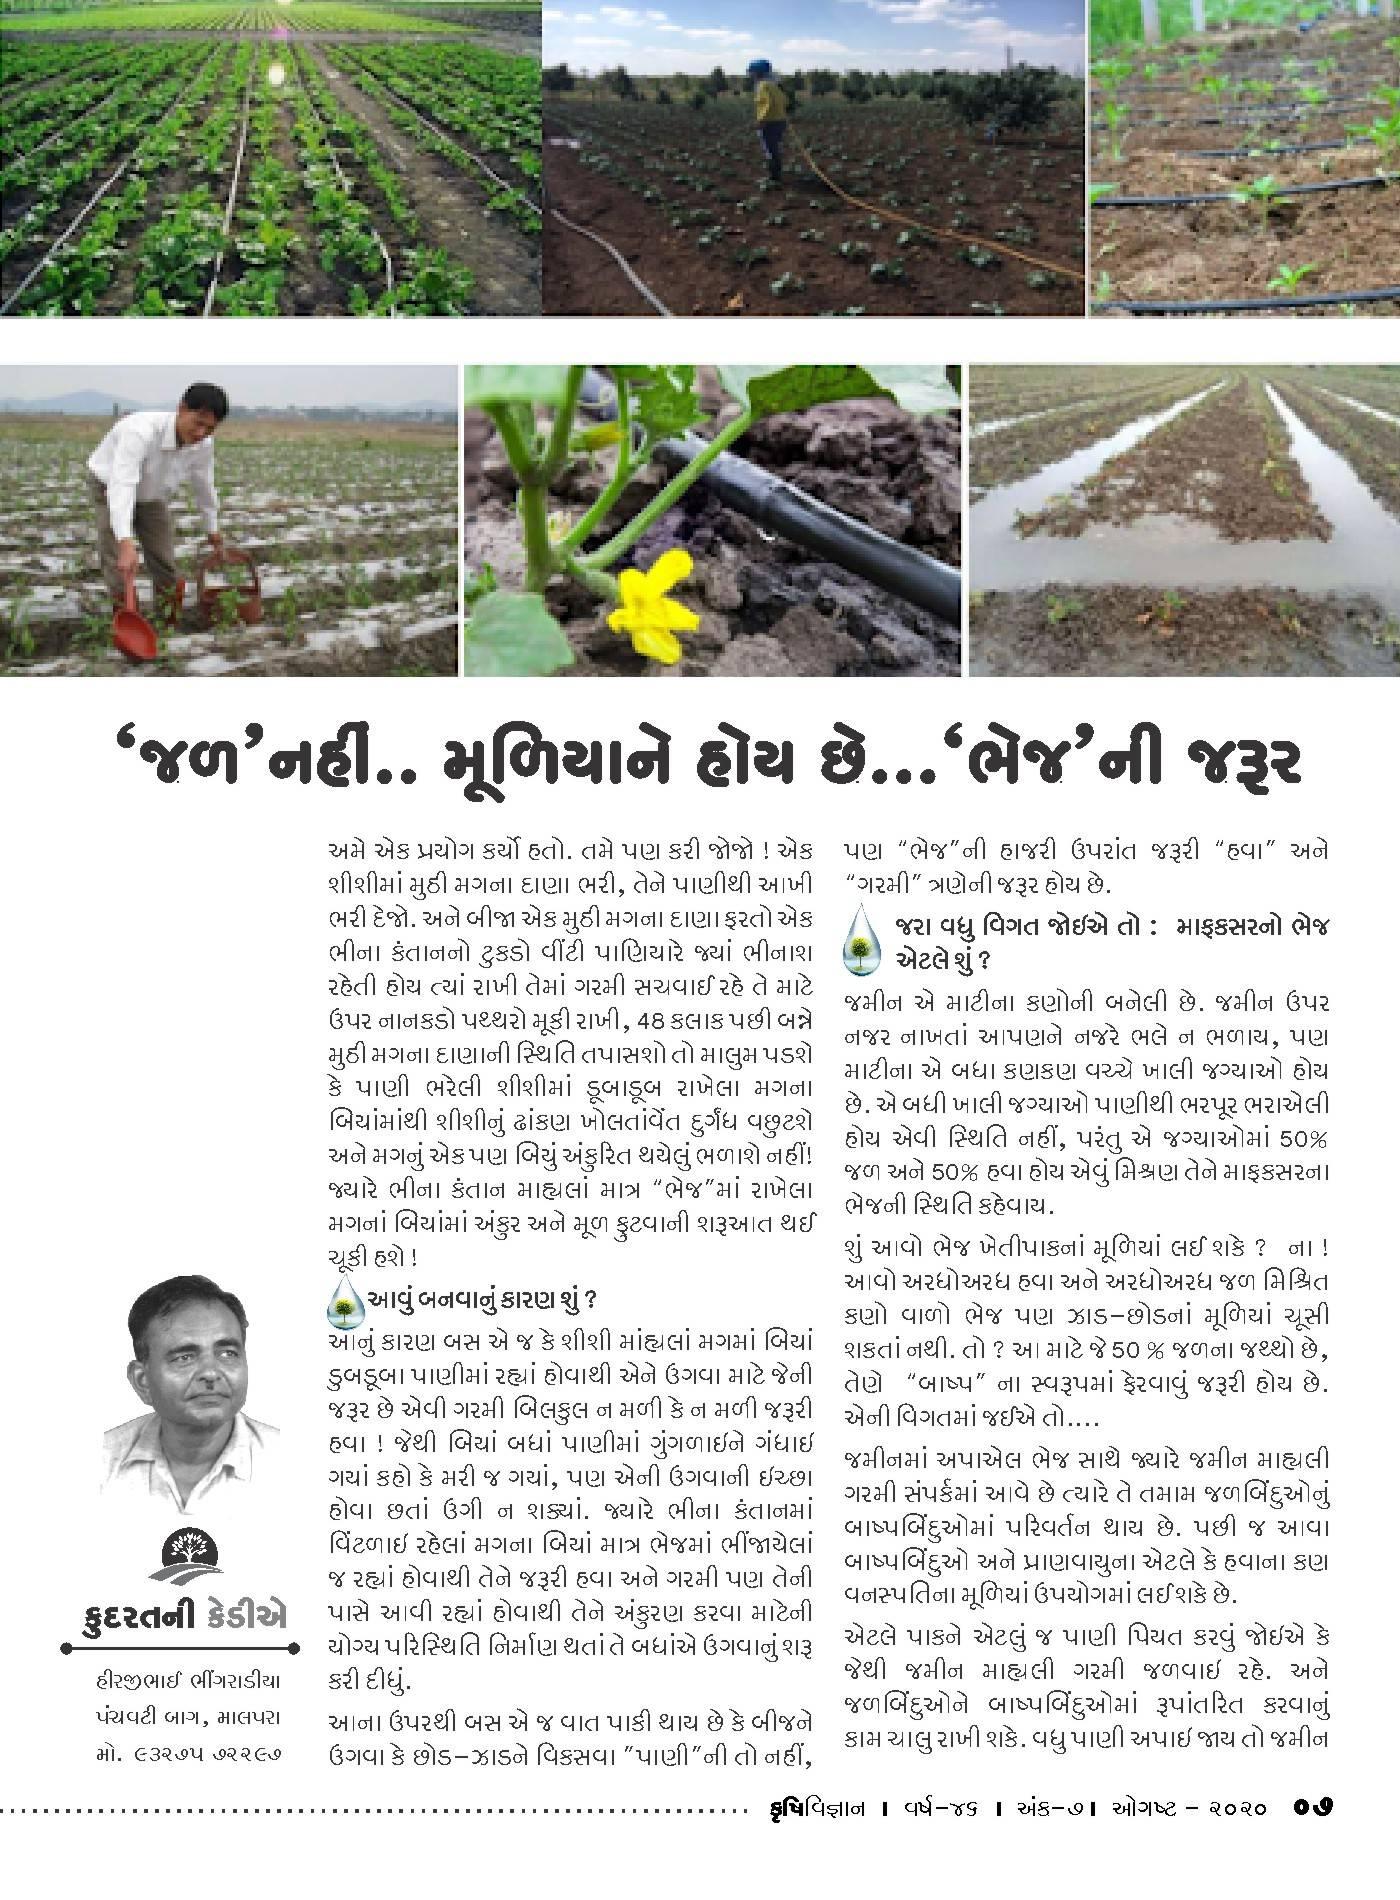 કુદરતની કેડીએ : જળ નહિ મુળિયાને હોય છે ભેજની જરૂર